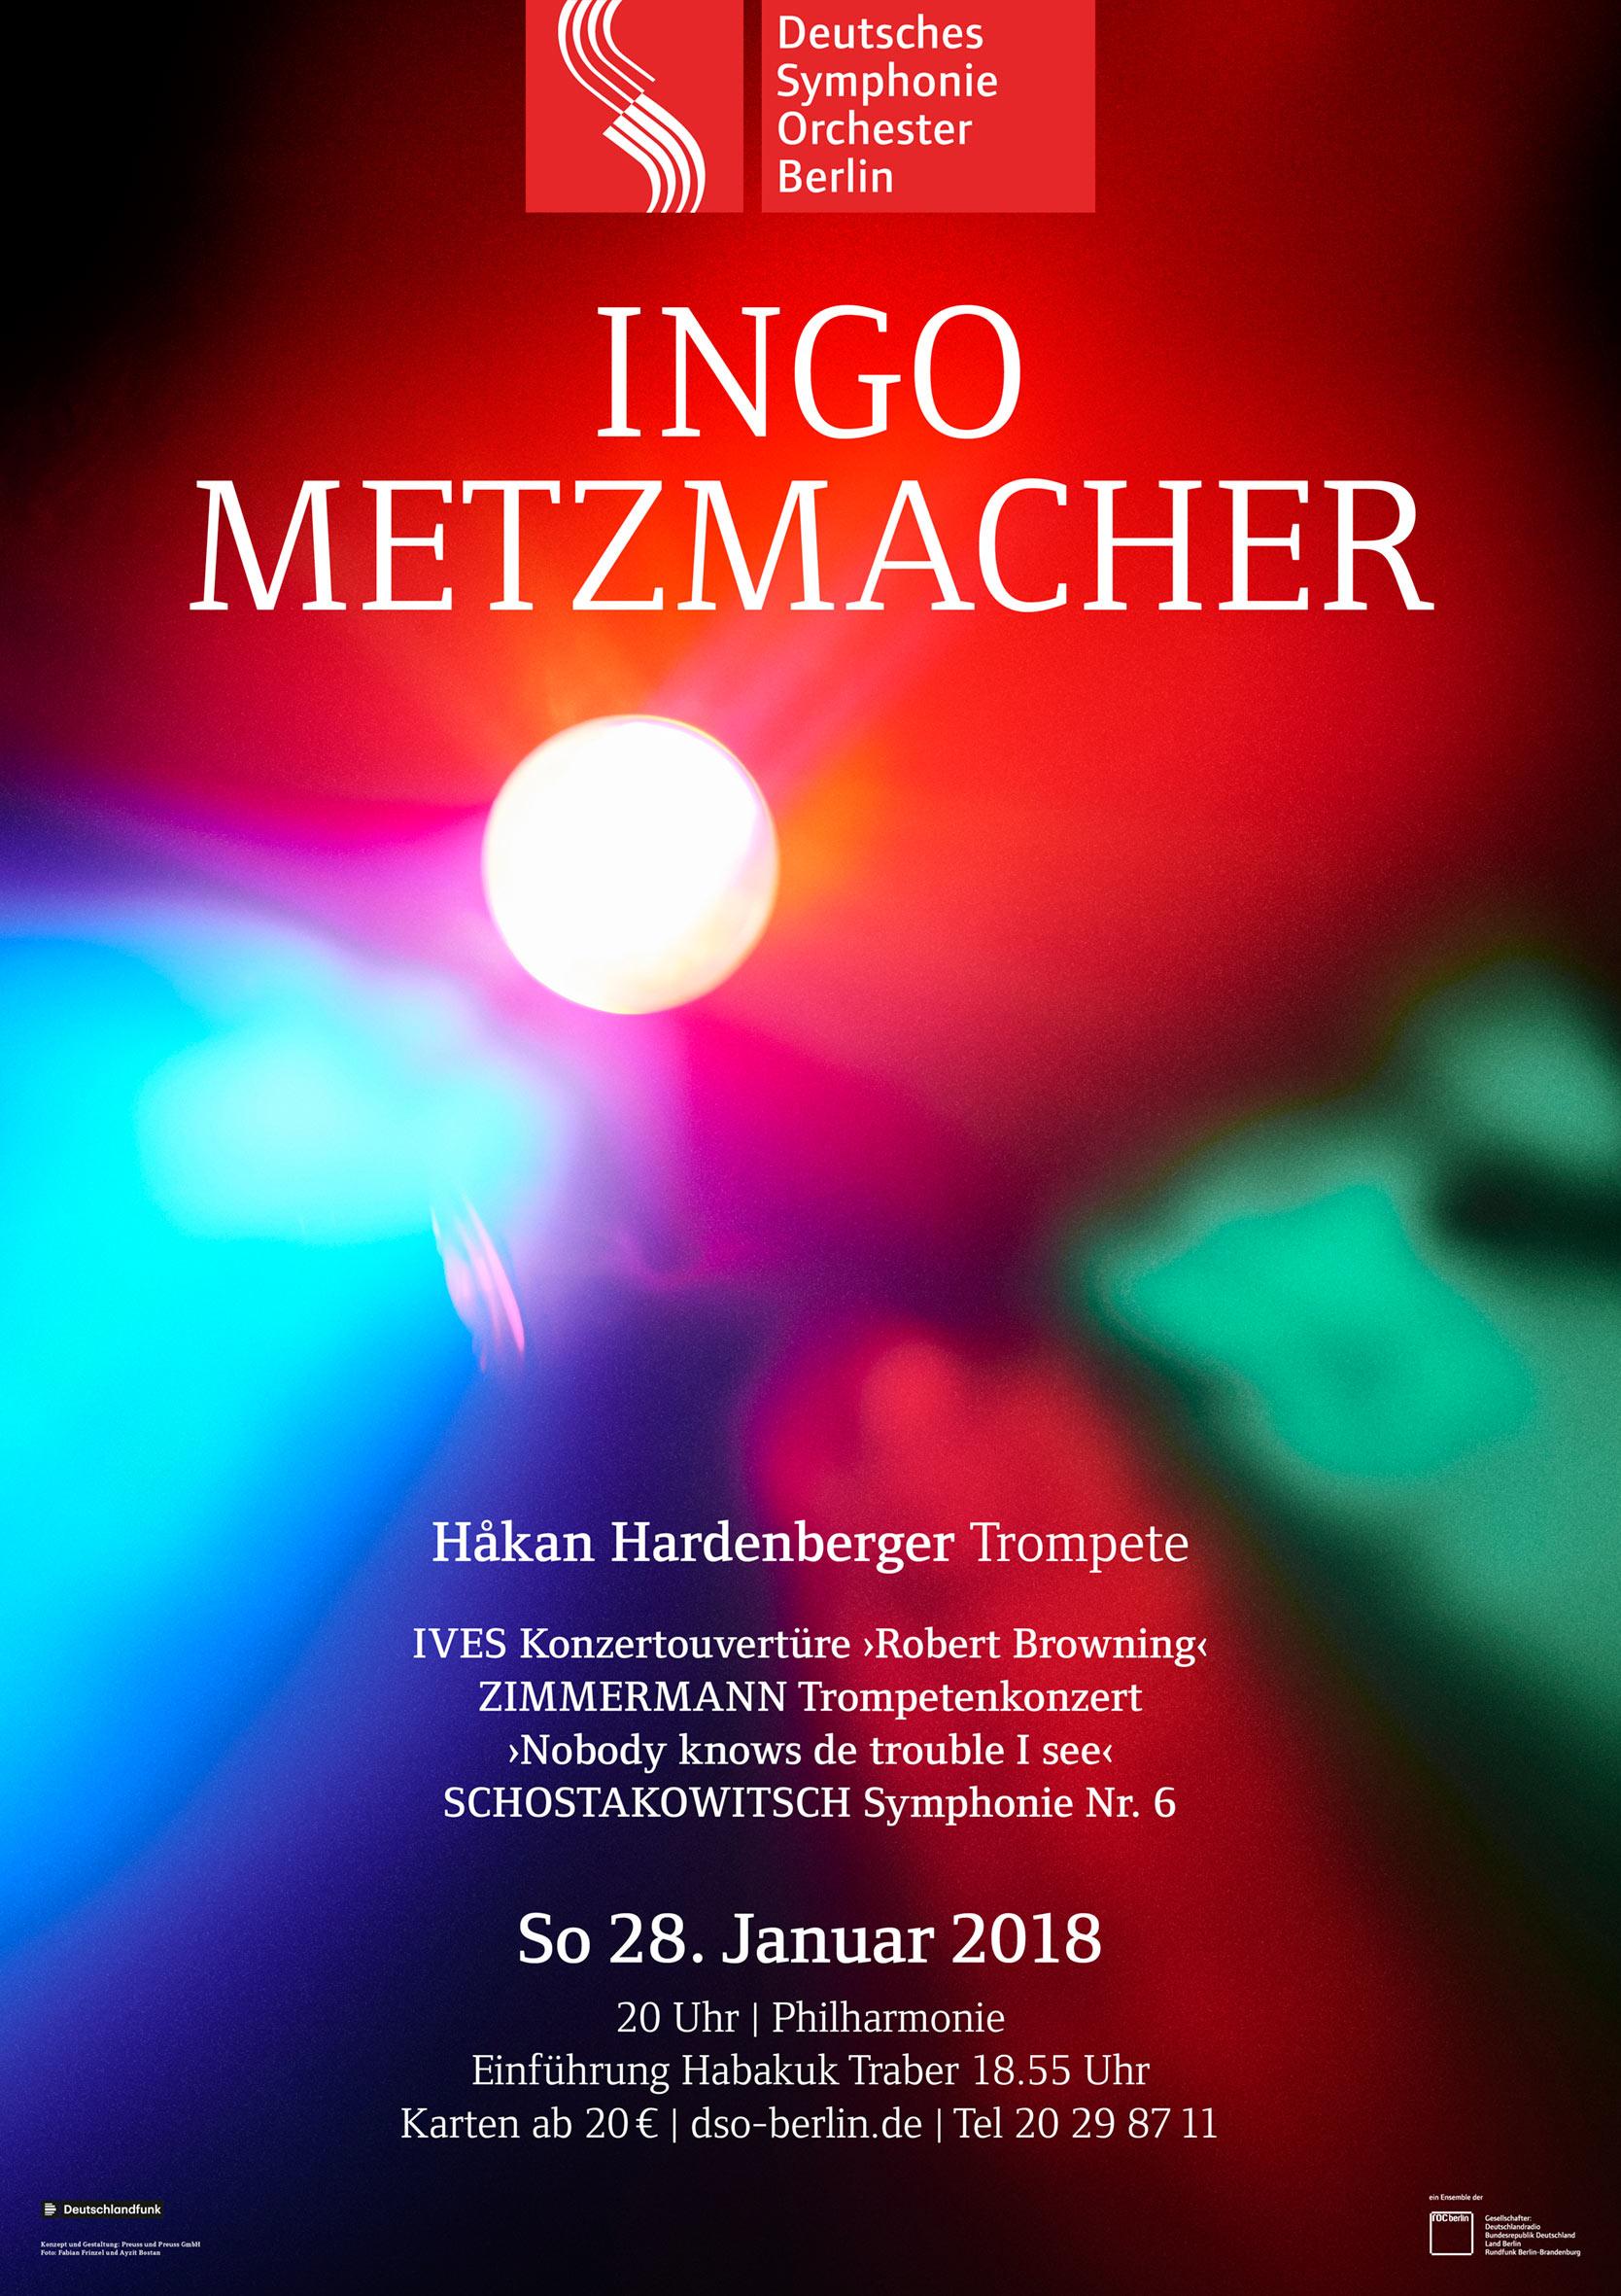 Plakat Konzert Ingo Metzmacher